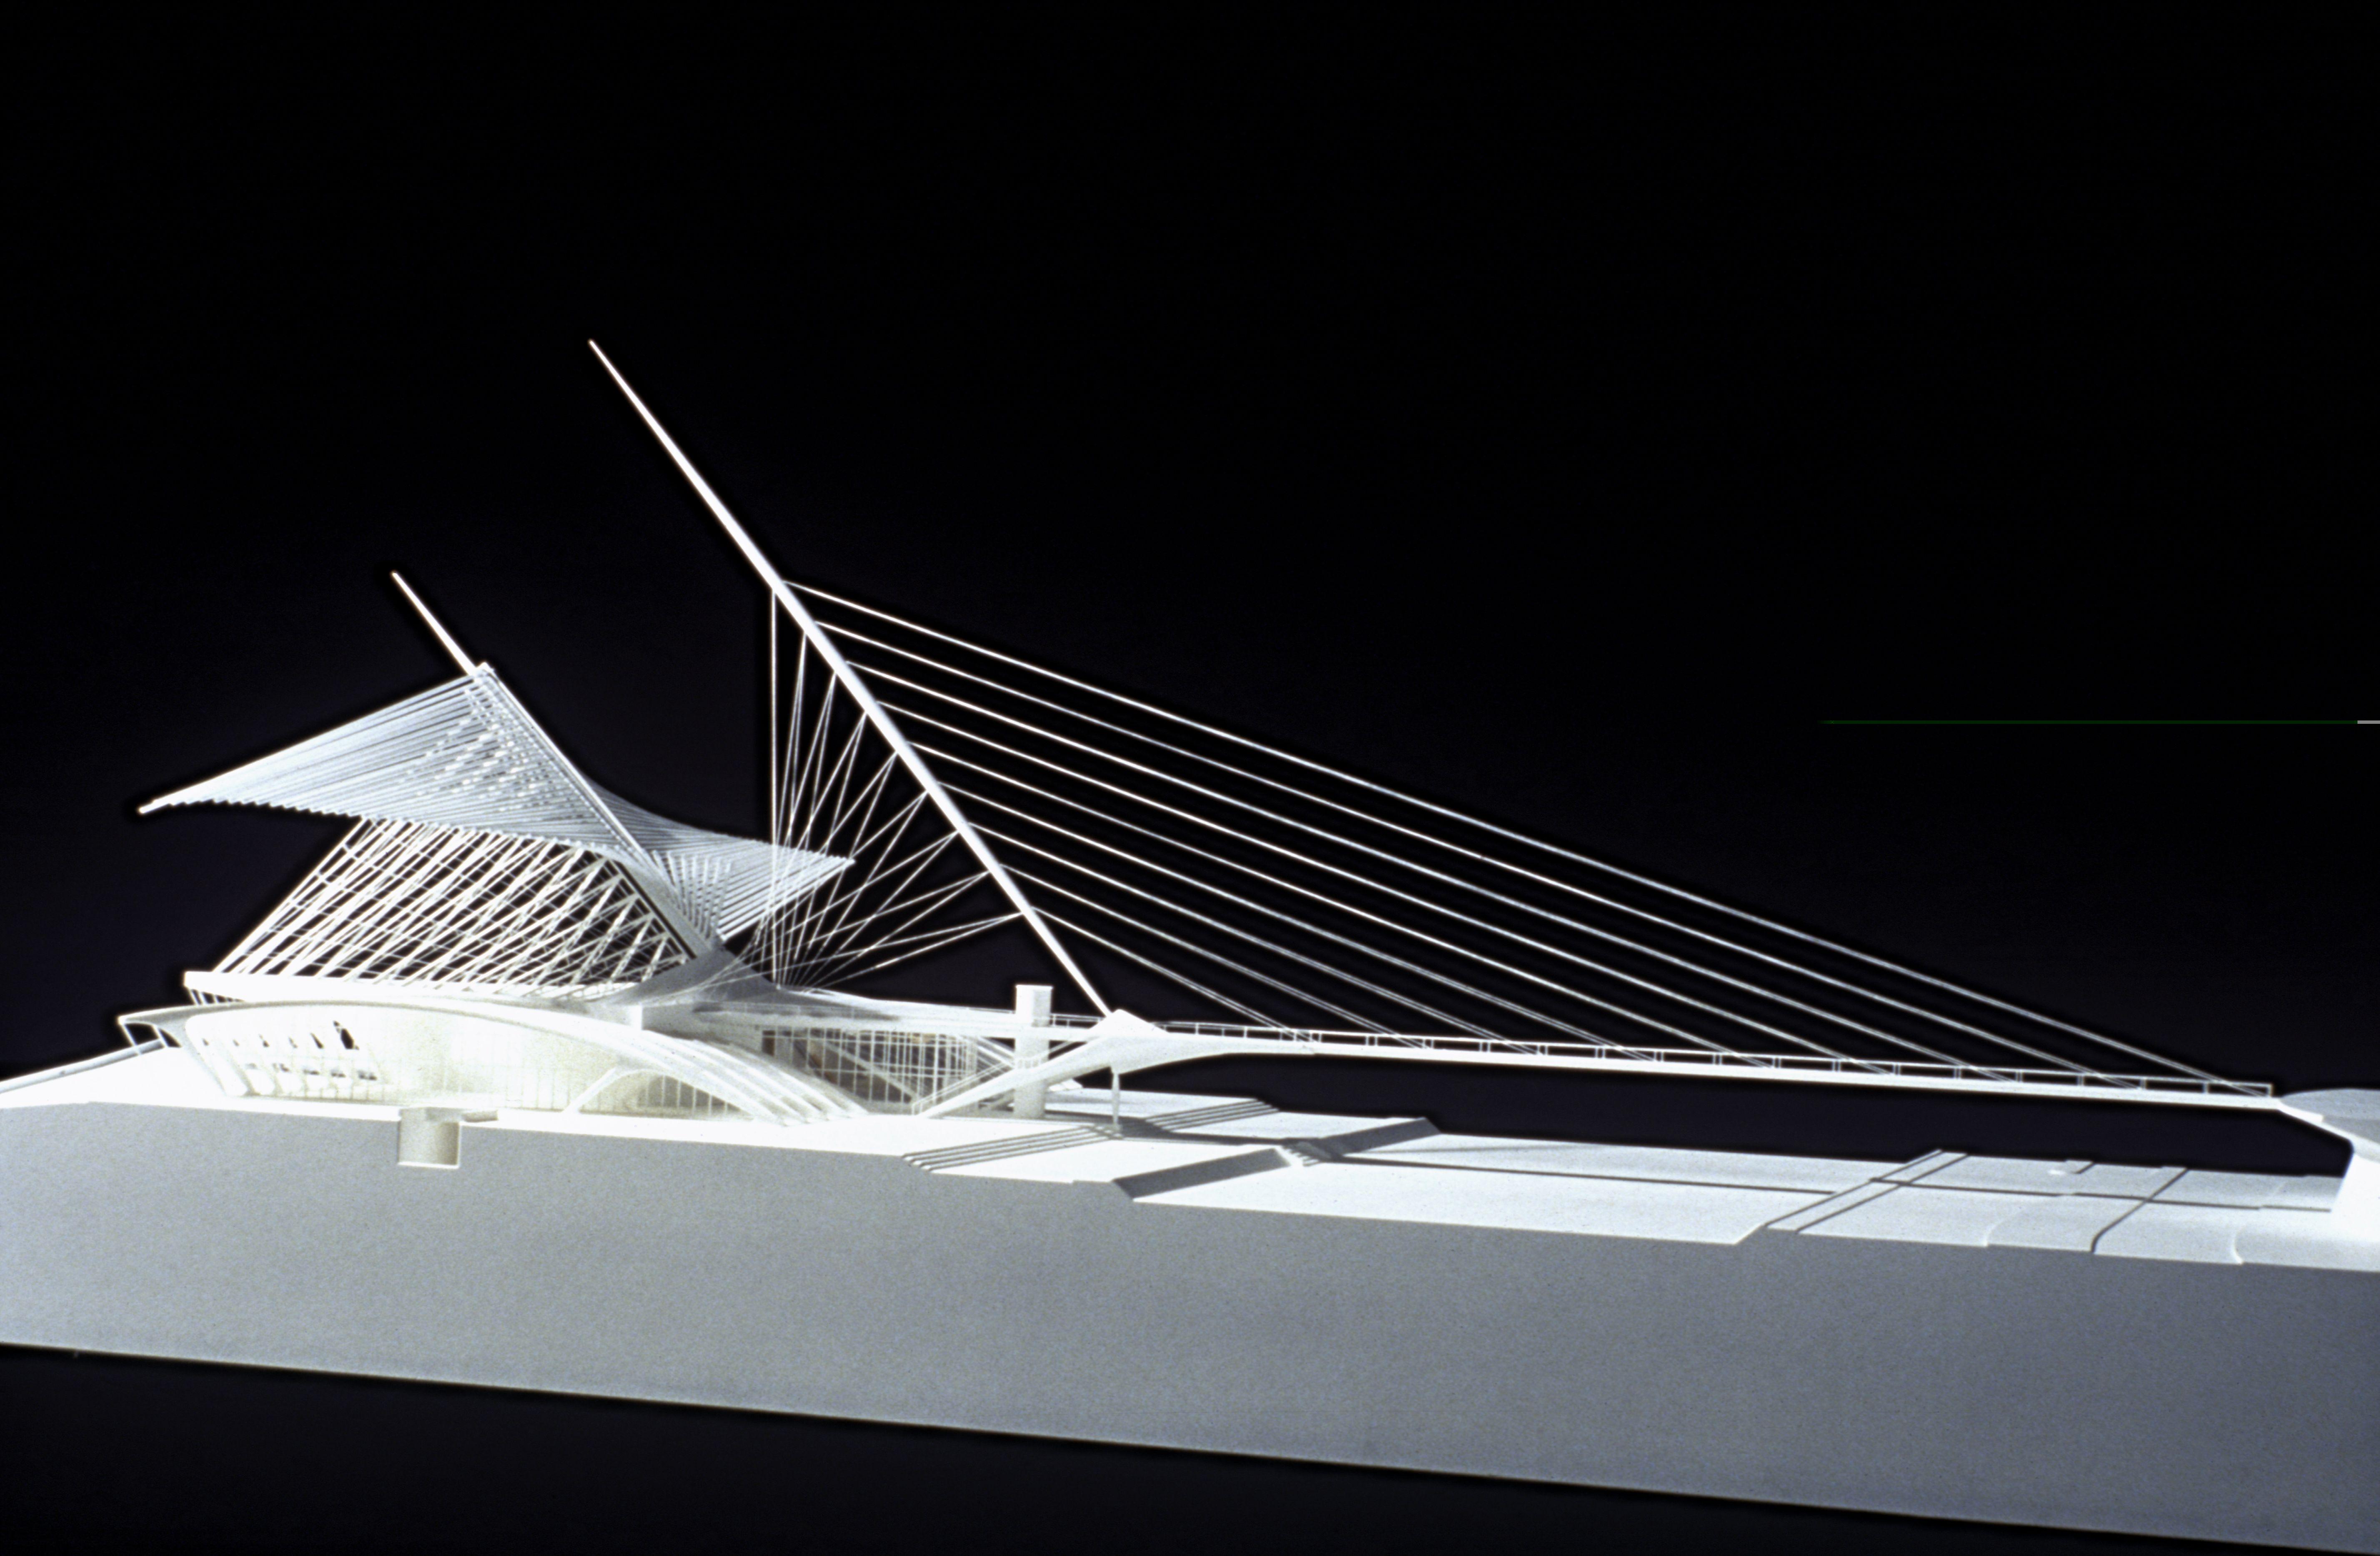 Santiago Calatrava design architecture exhibit